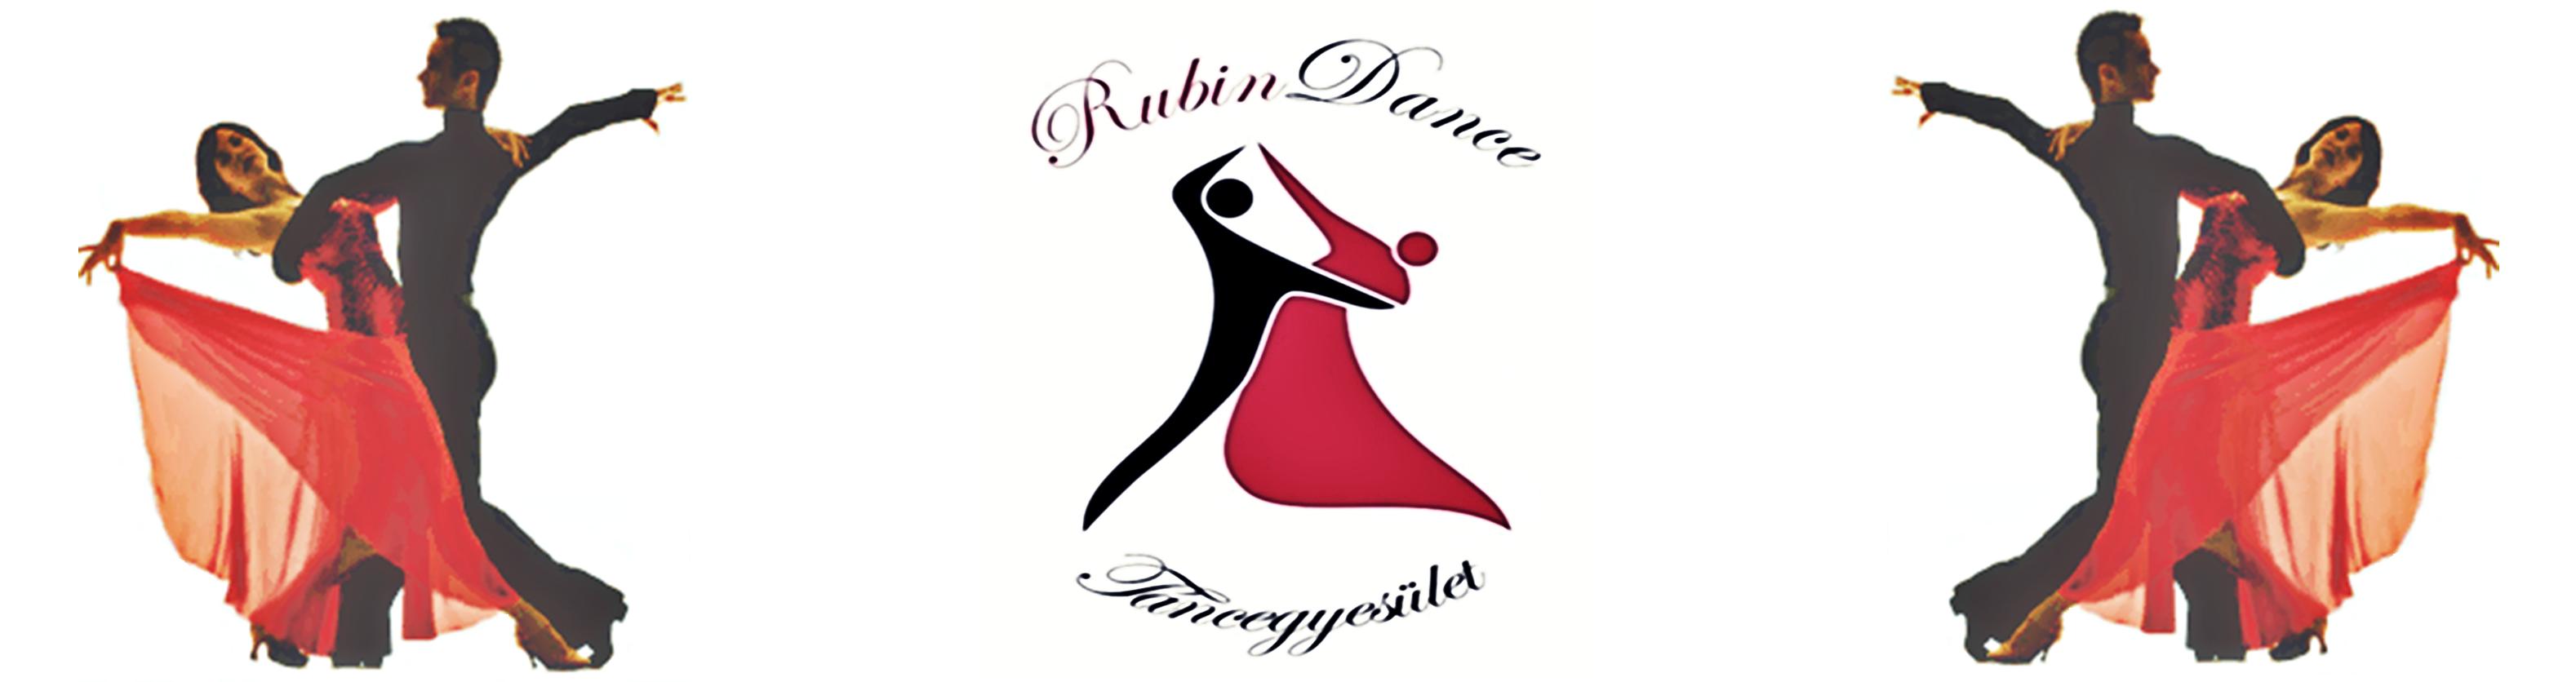 Rubindance Táncsport Egyesület